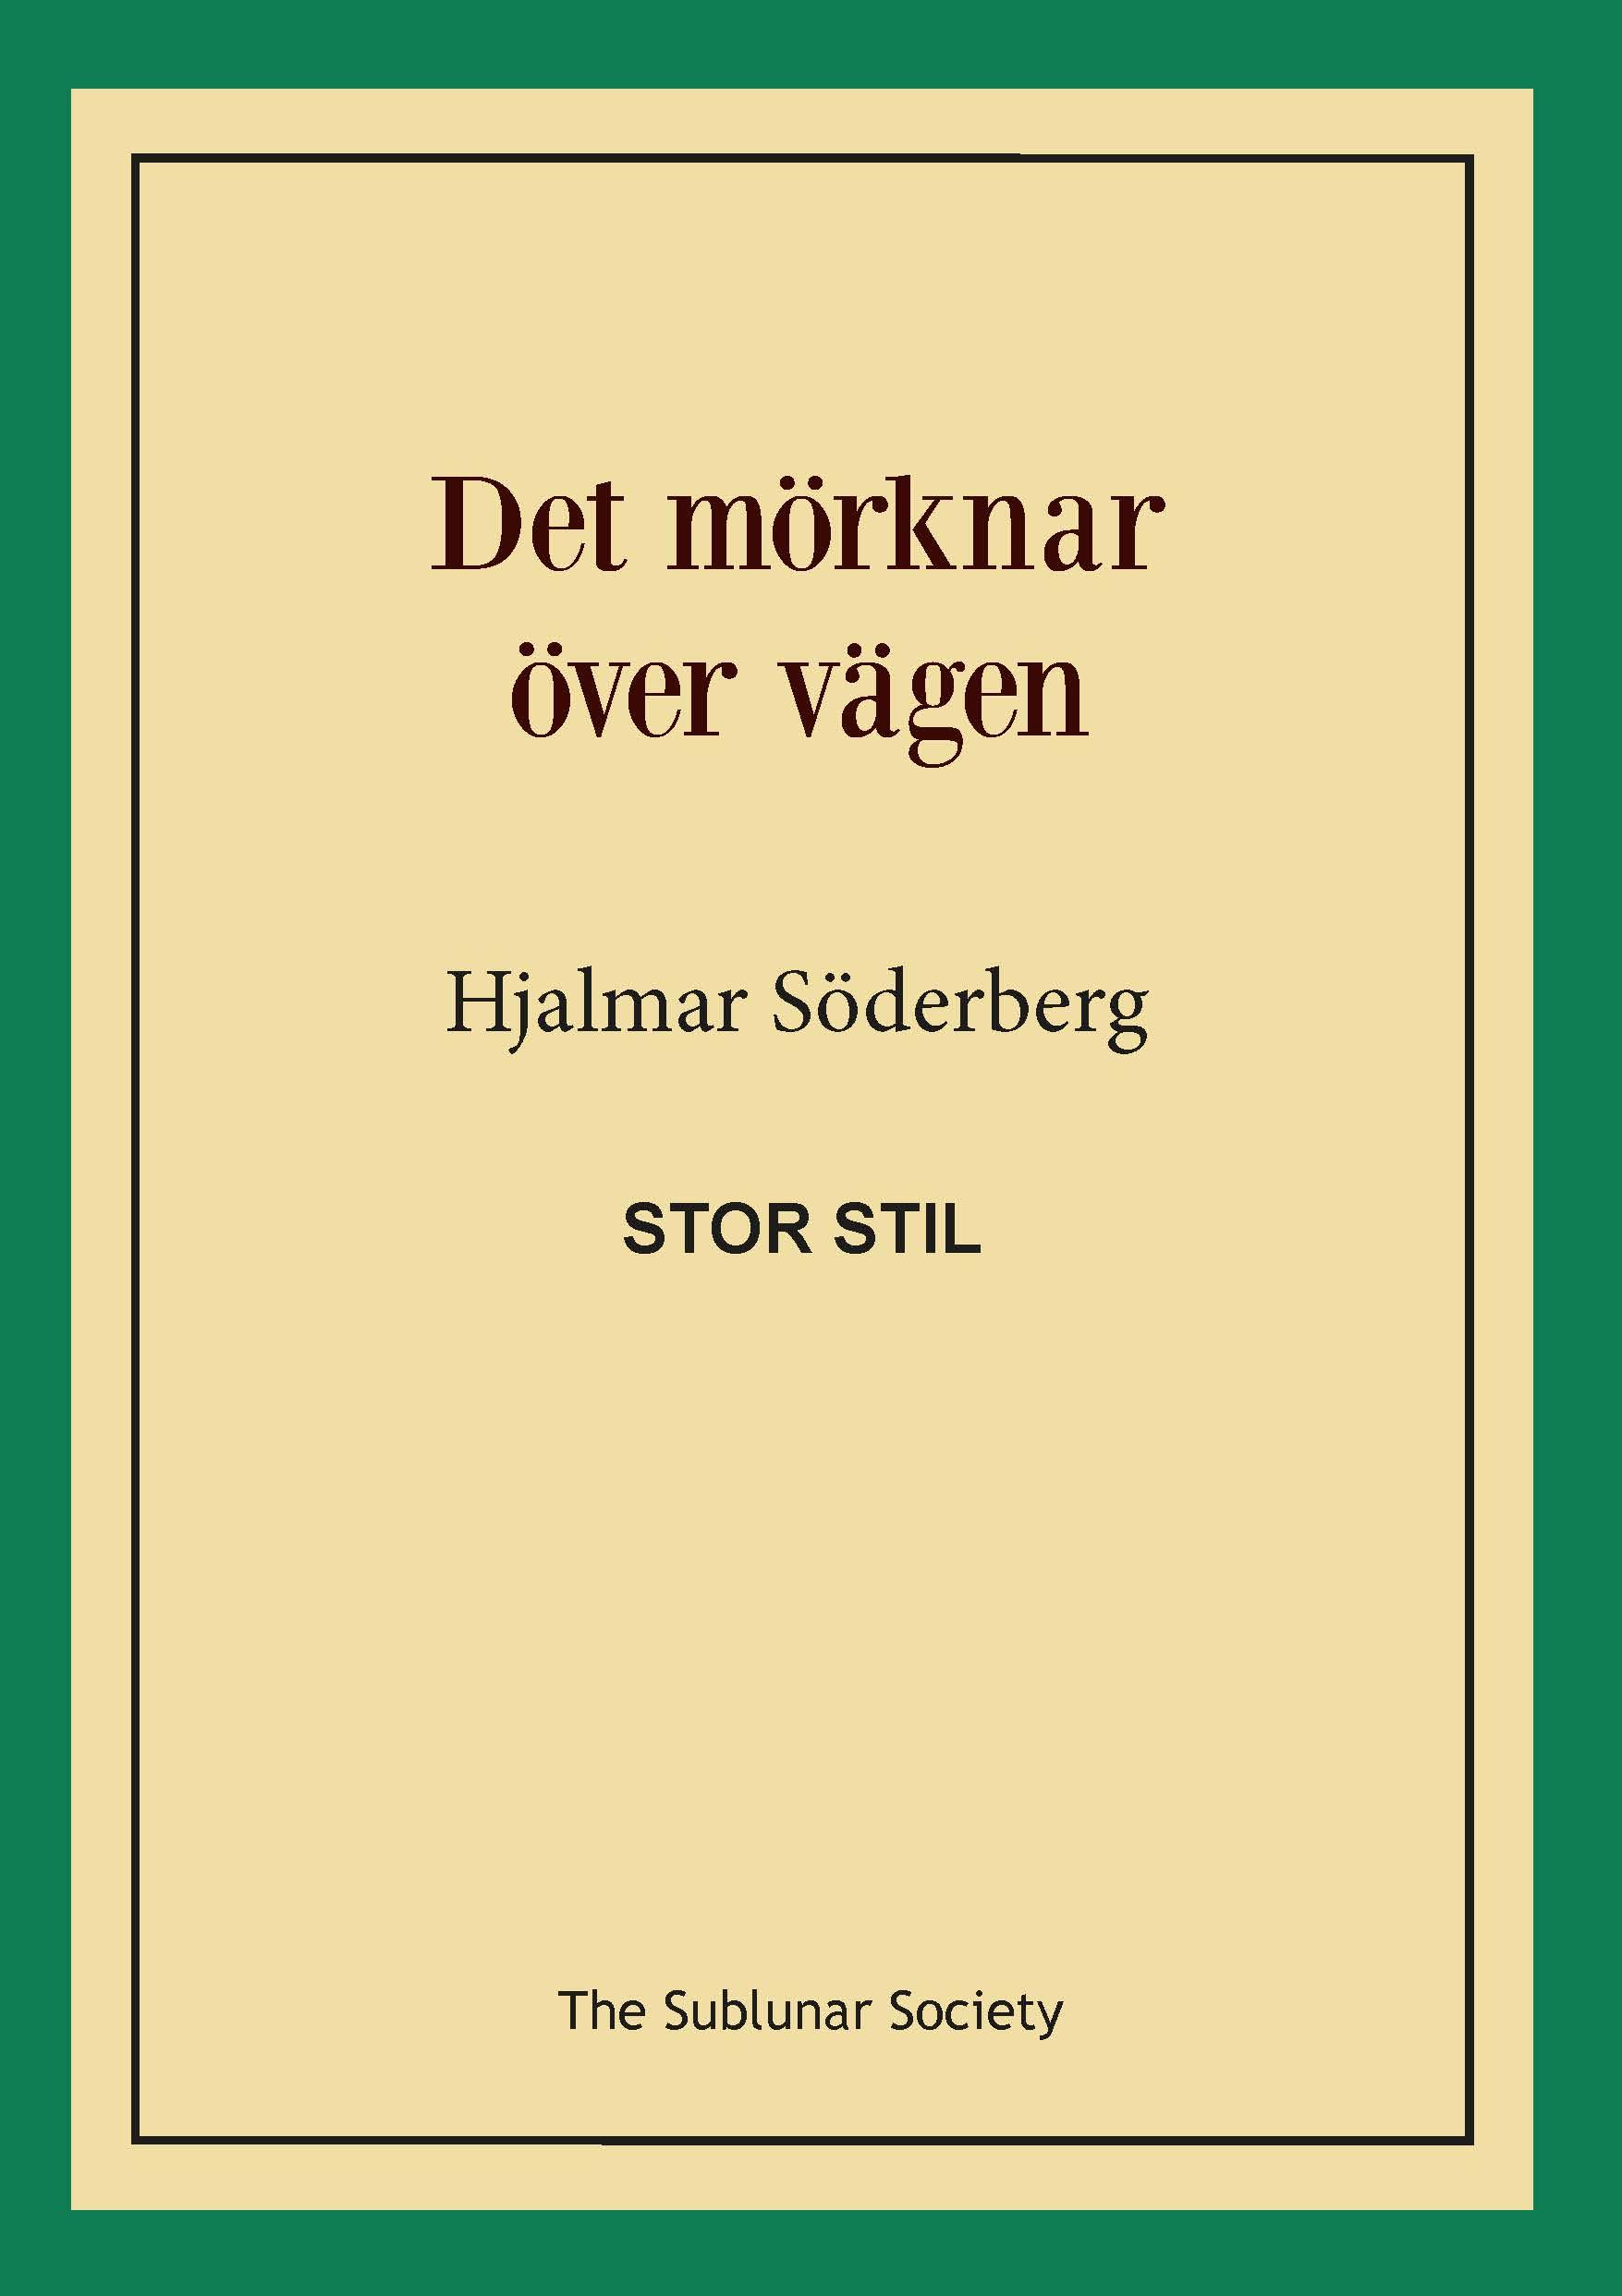 Det mörknar över vägen (stor stil) av Hjalmar Söderberg